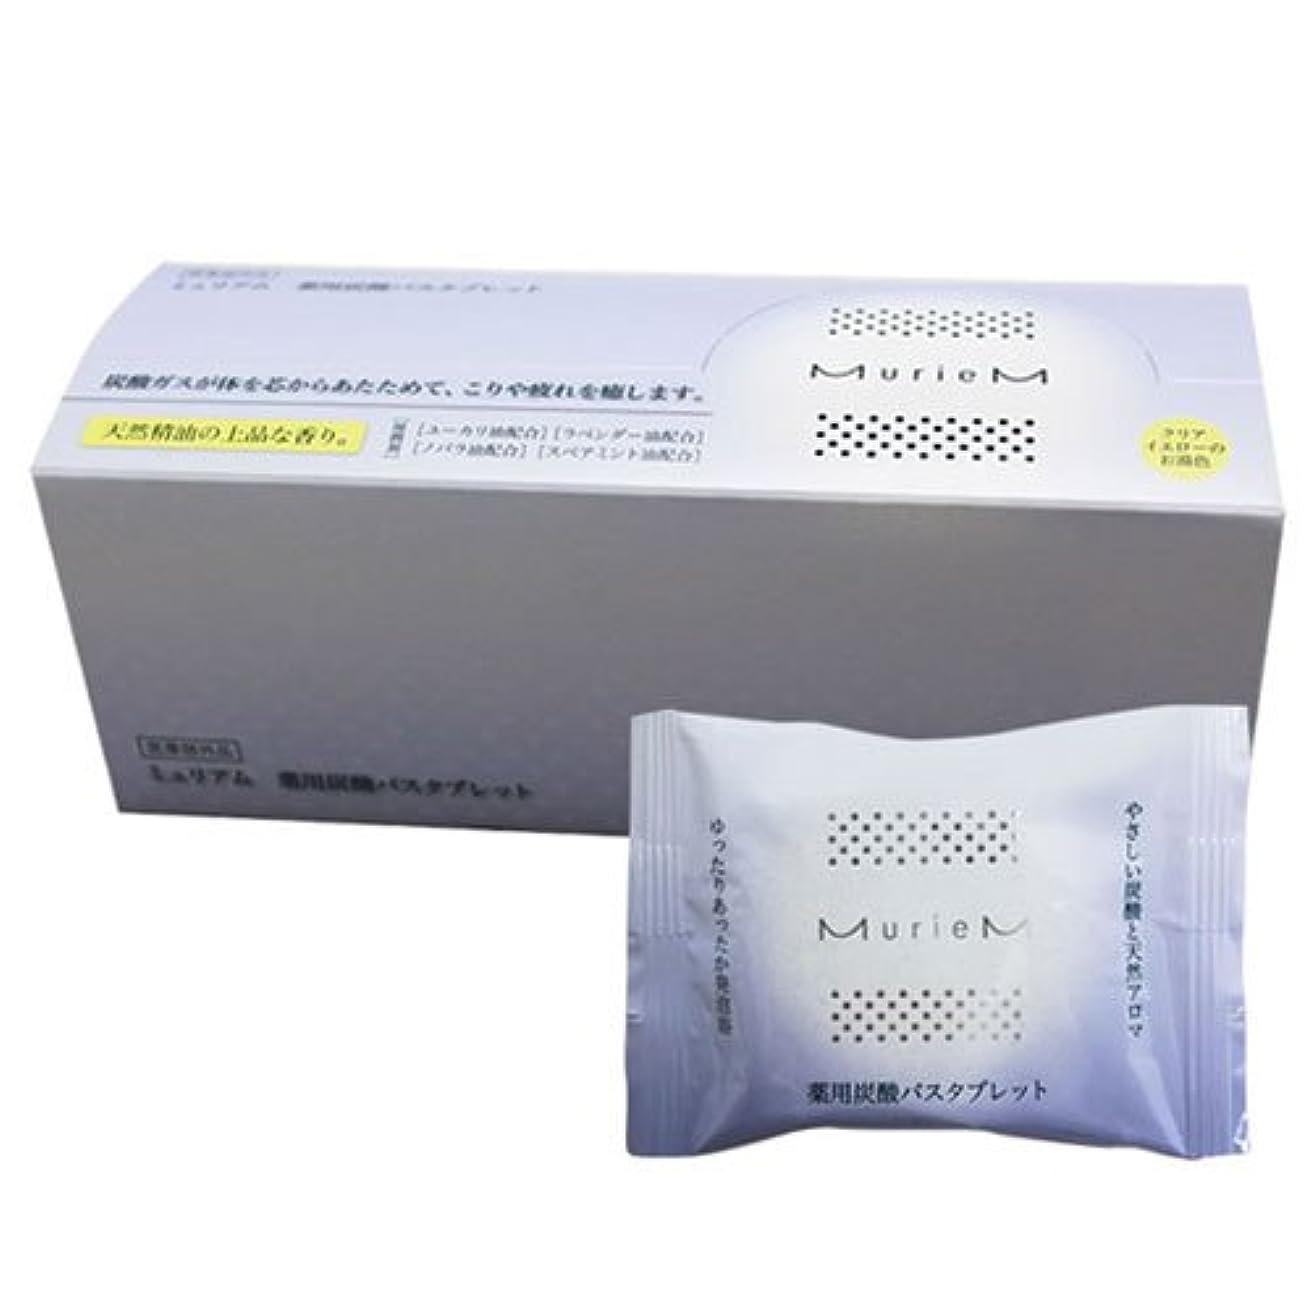 透過性手足中断ナンバースリー ミュリアム 薬用炭酸バスタブレット 30g×10包 [医薬部外品]